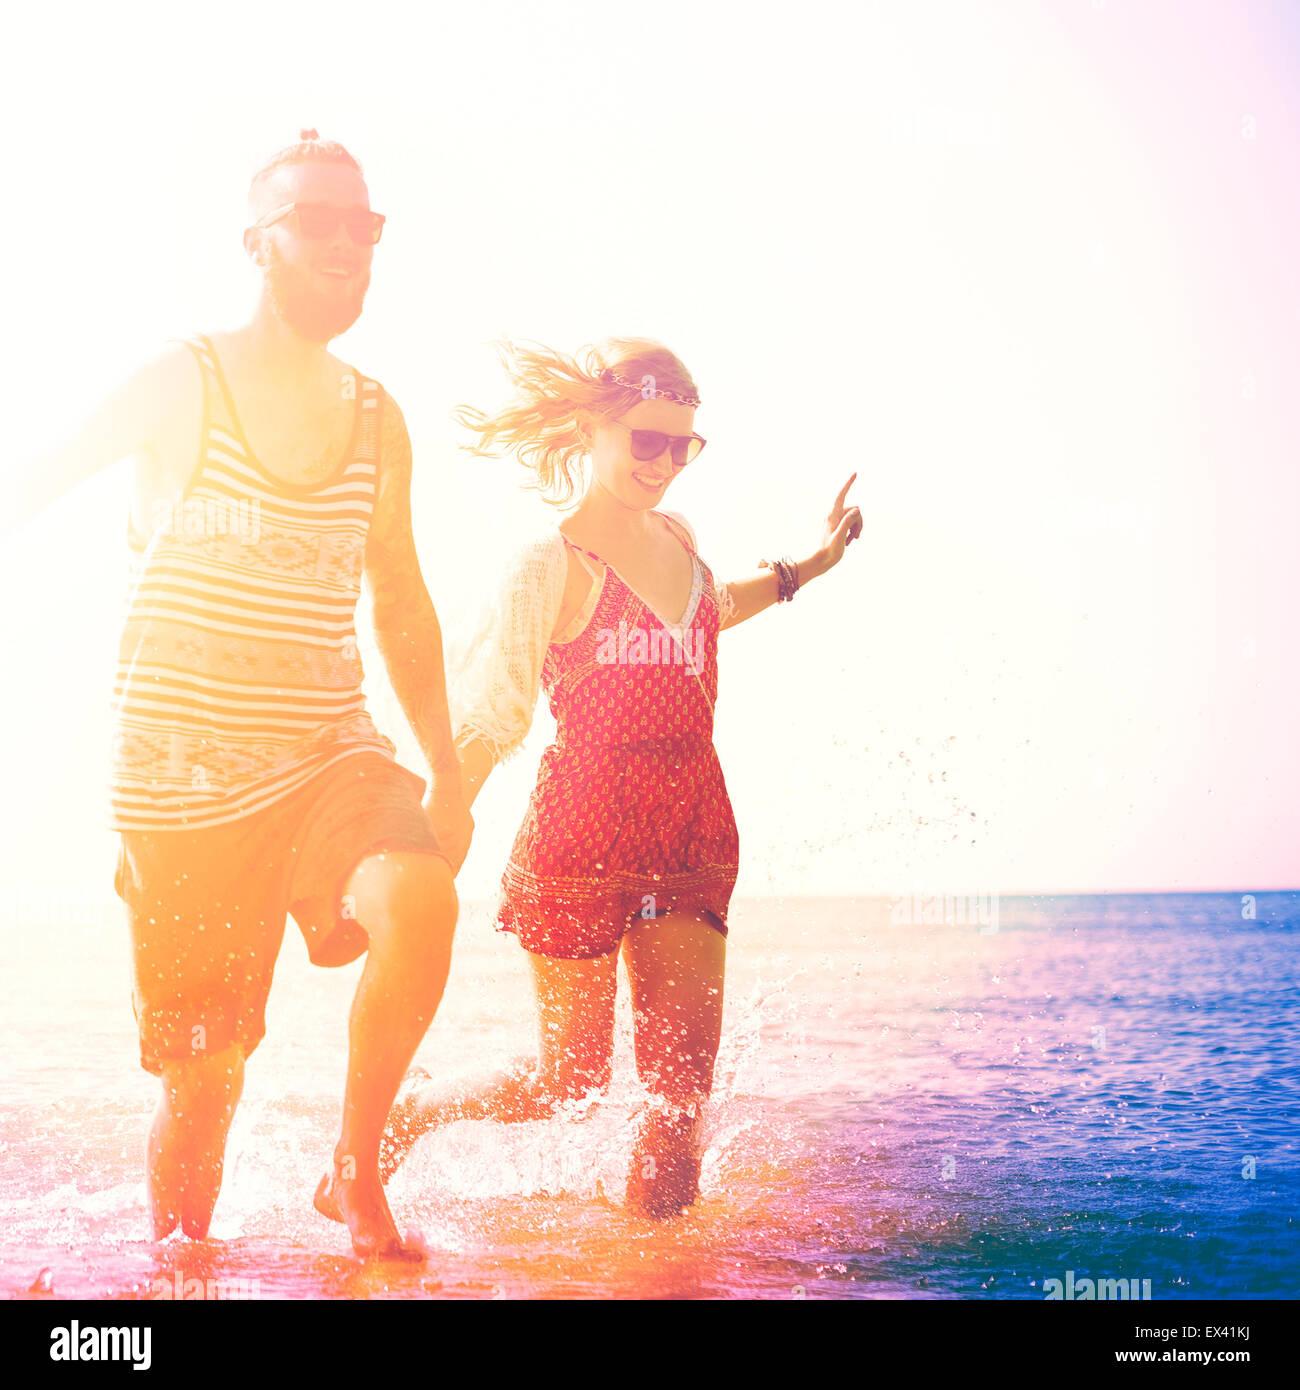 Spiaggia di dolci Vacanze Estate giovane amore concetto Immagini Stock